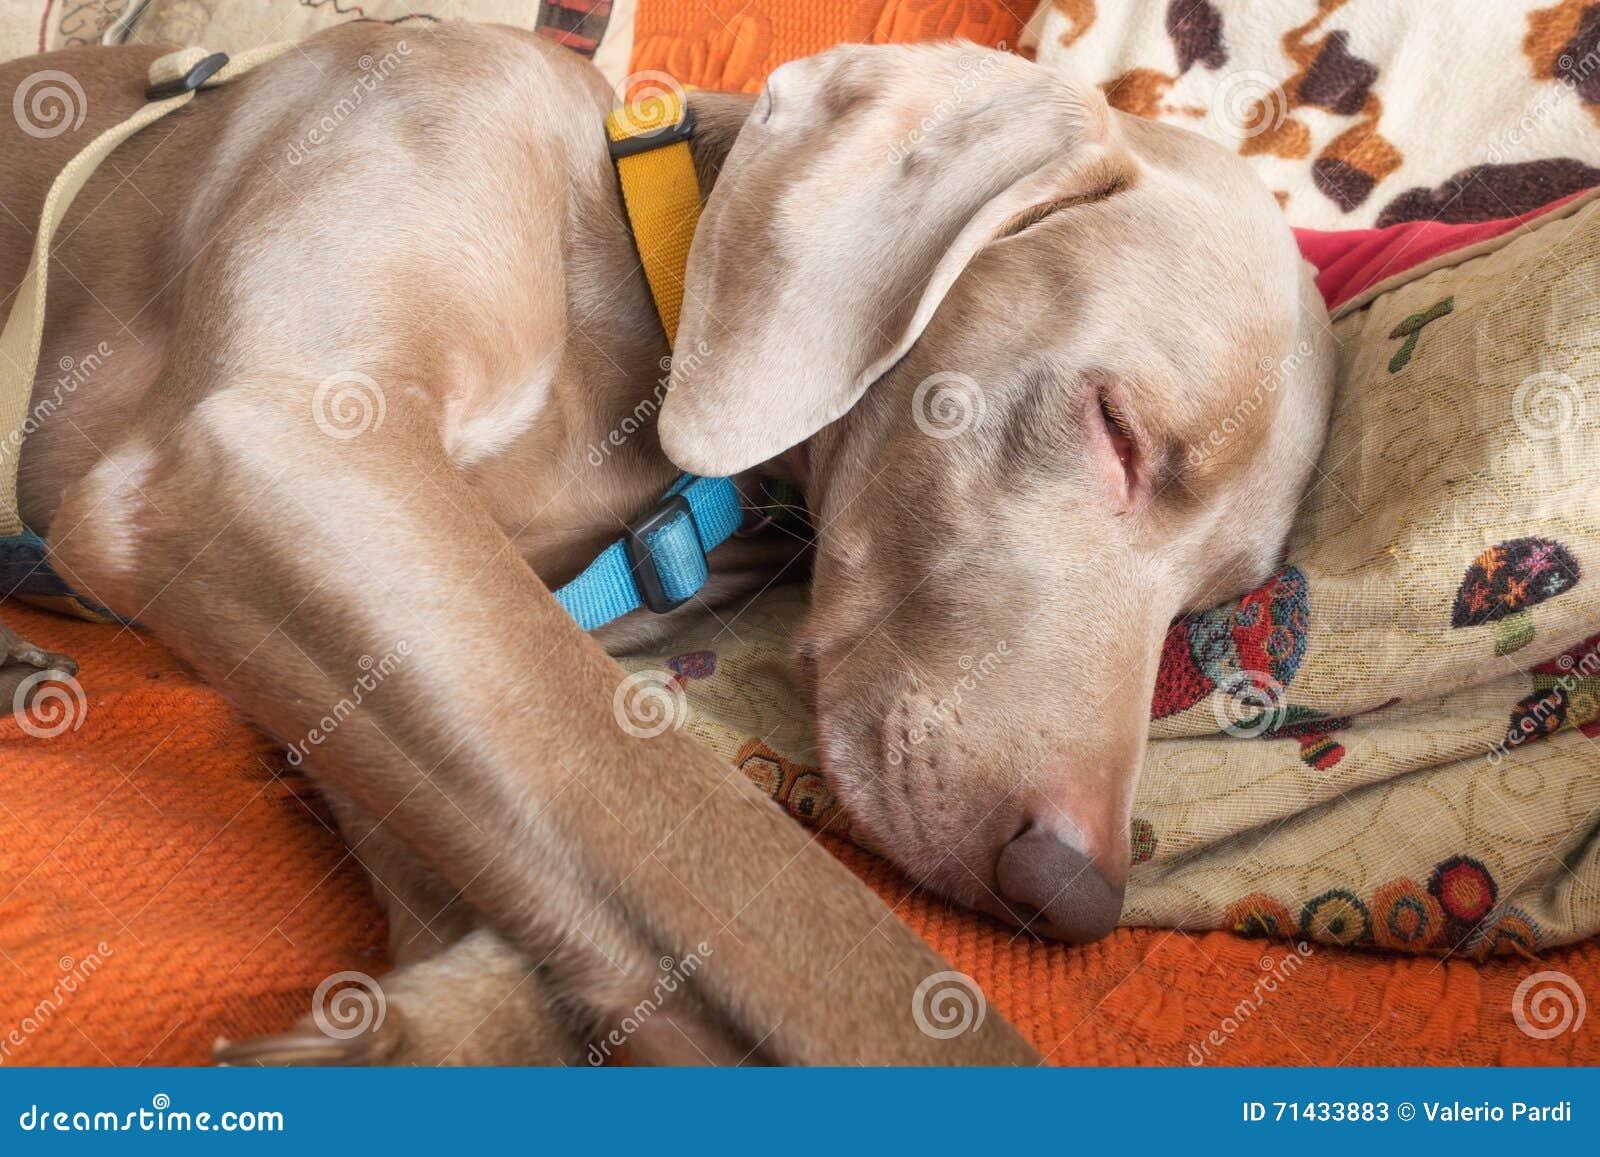 Weimaraner dog breed stock image  Image of canine, funny - 71433883